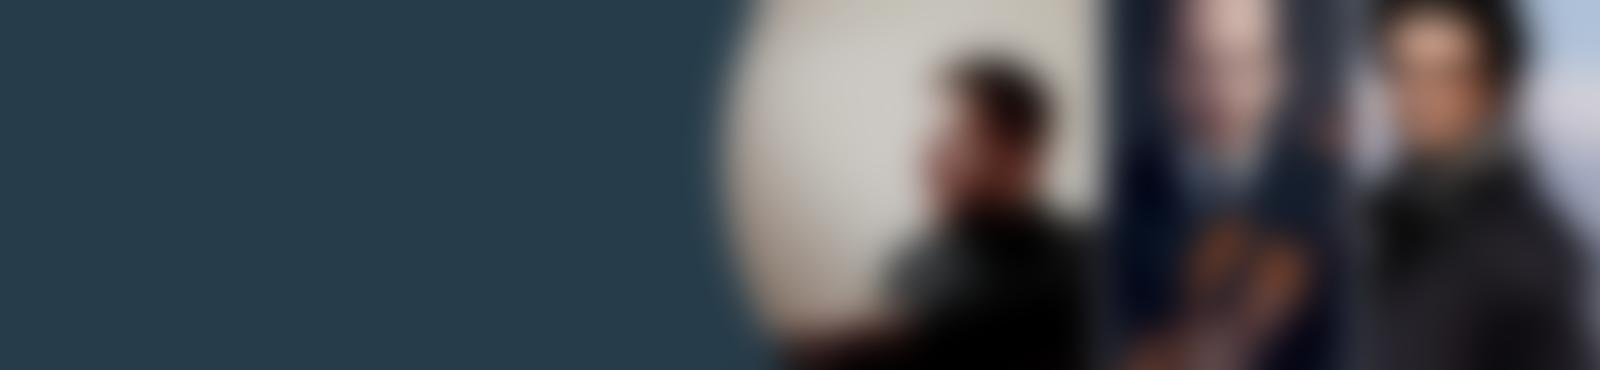 Blurred cc5ec932 64ad 4678 80e3 d727f8cd701a